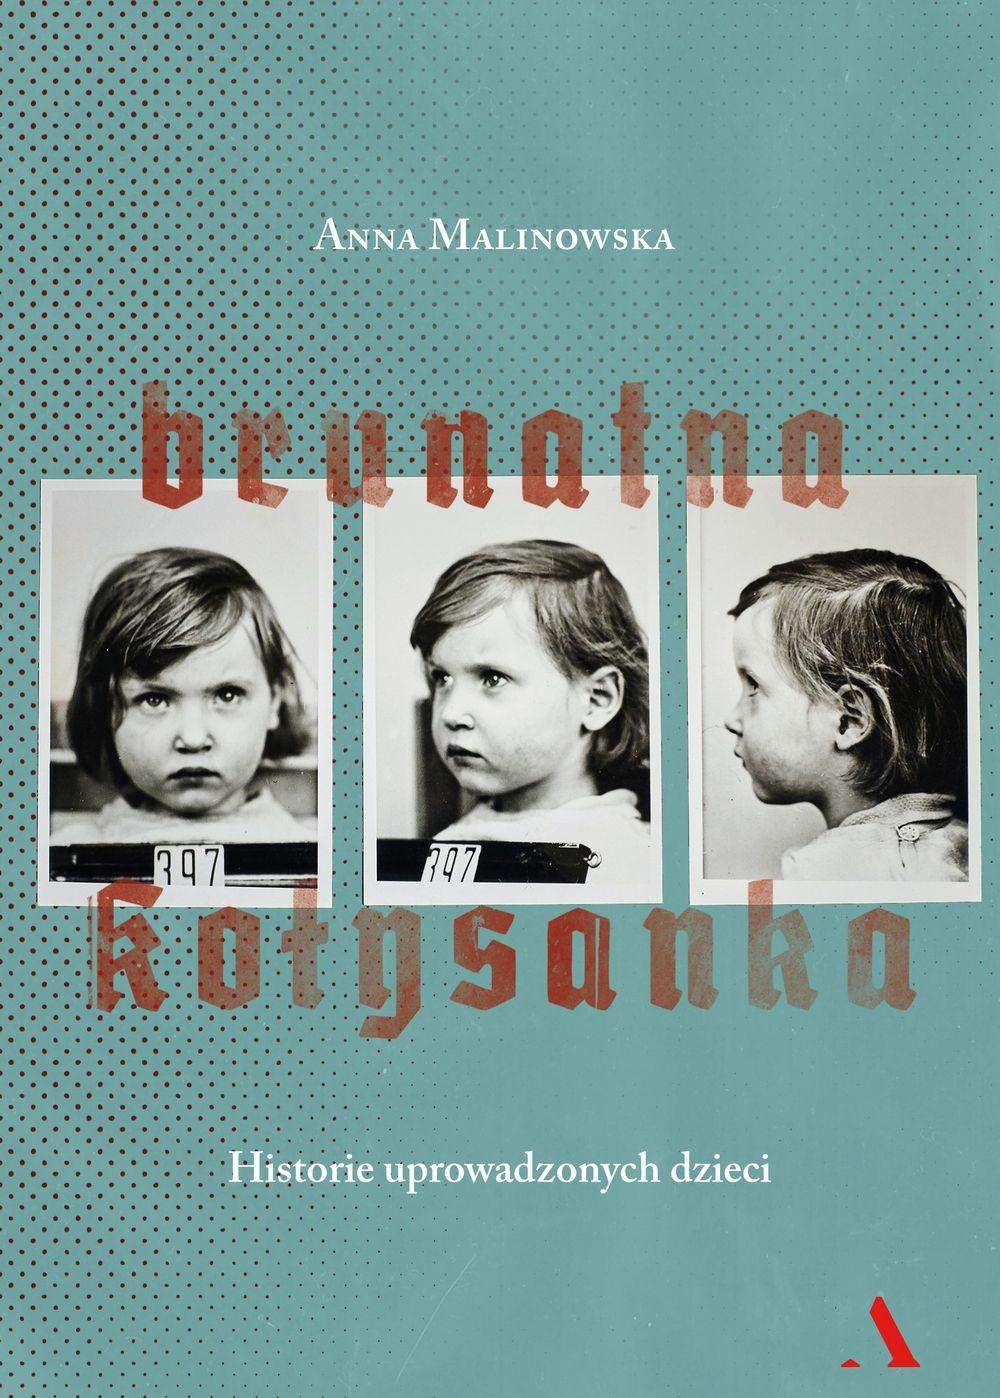 """Artykuł powstał między innymi na podstawie książki Anny Malinowskiej pod tytułem """"Brunatna kołysanka"""" (Agora 2017)."""